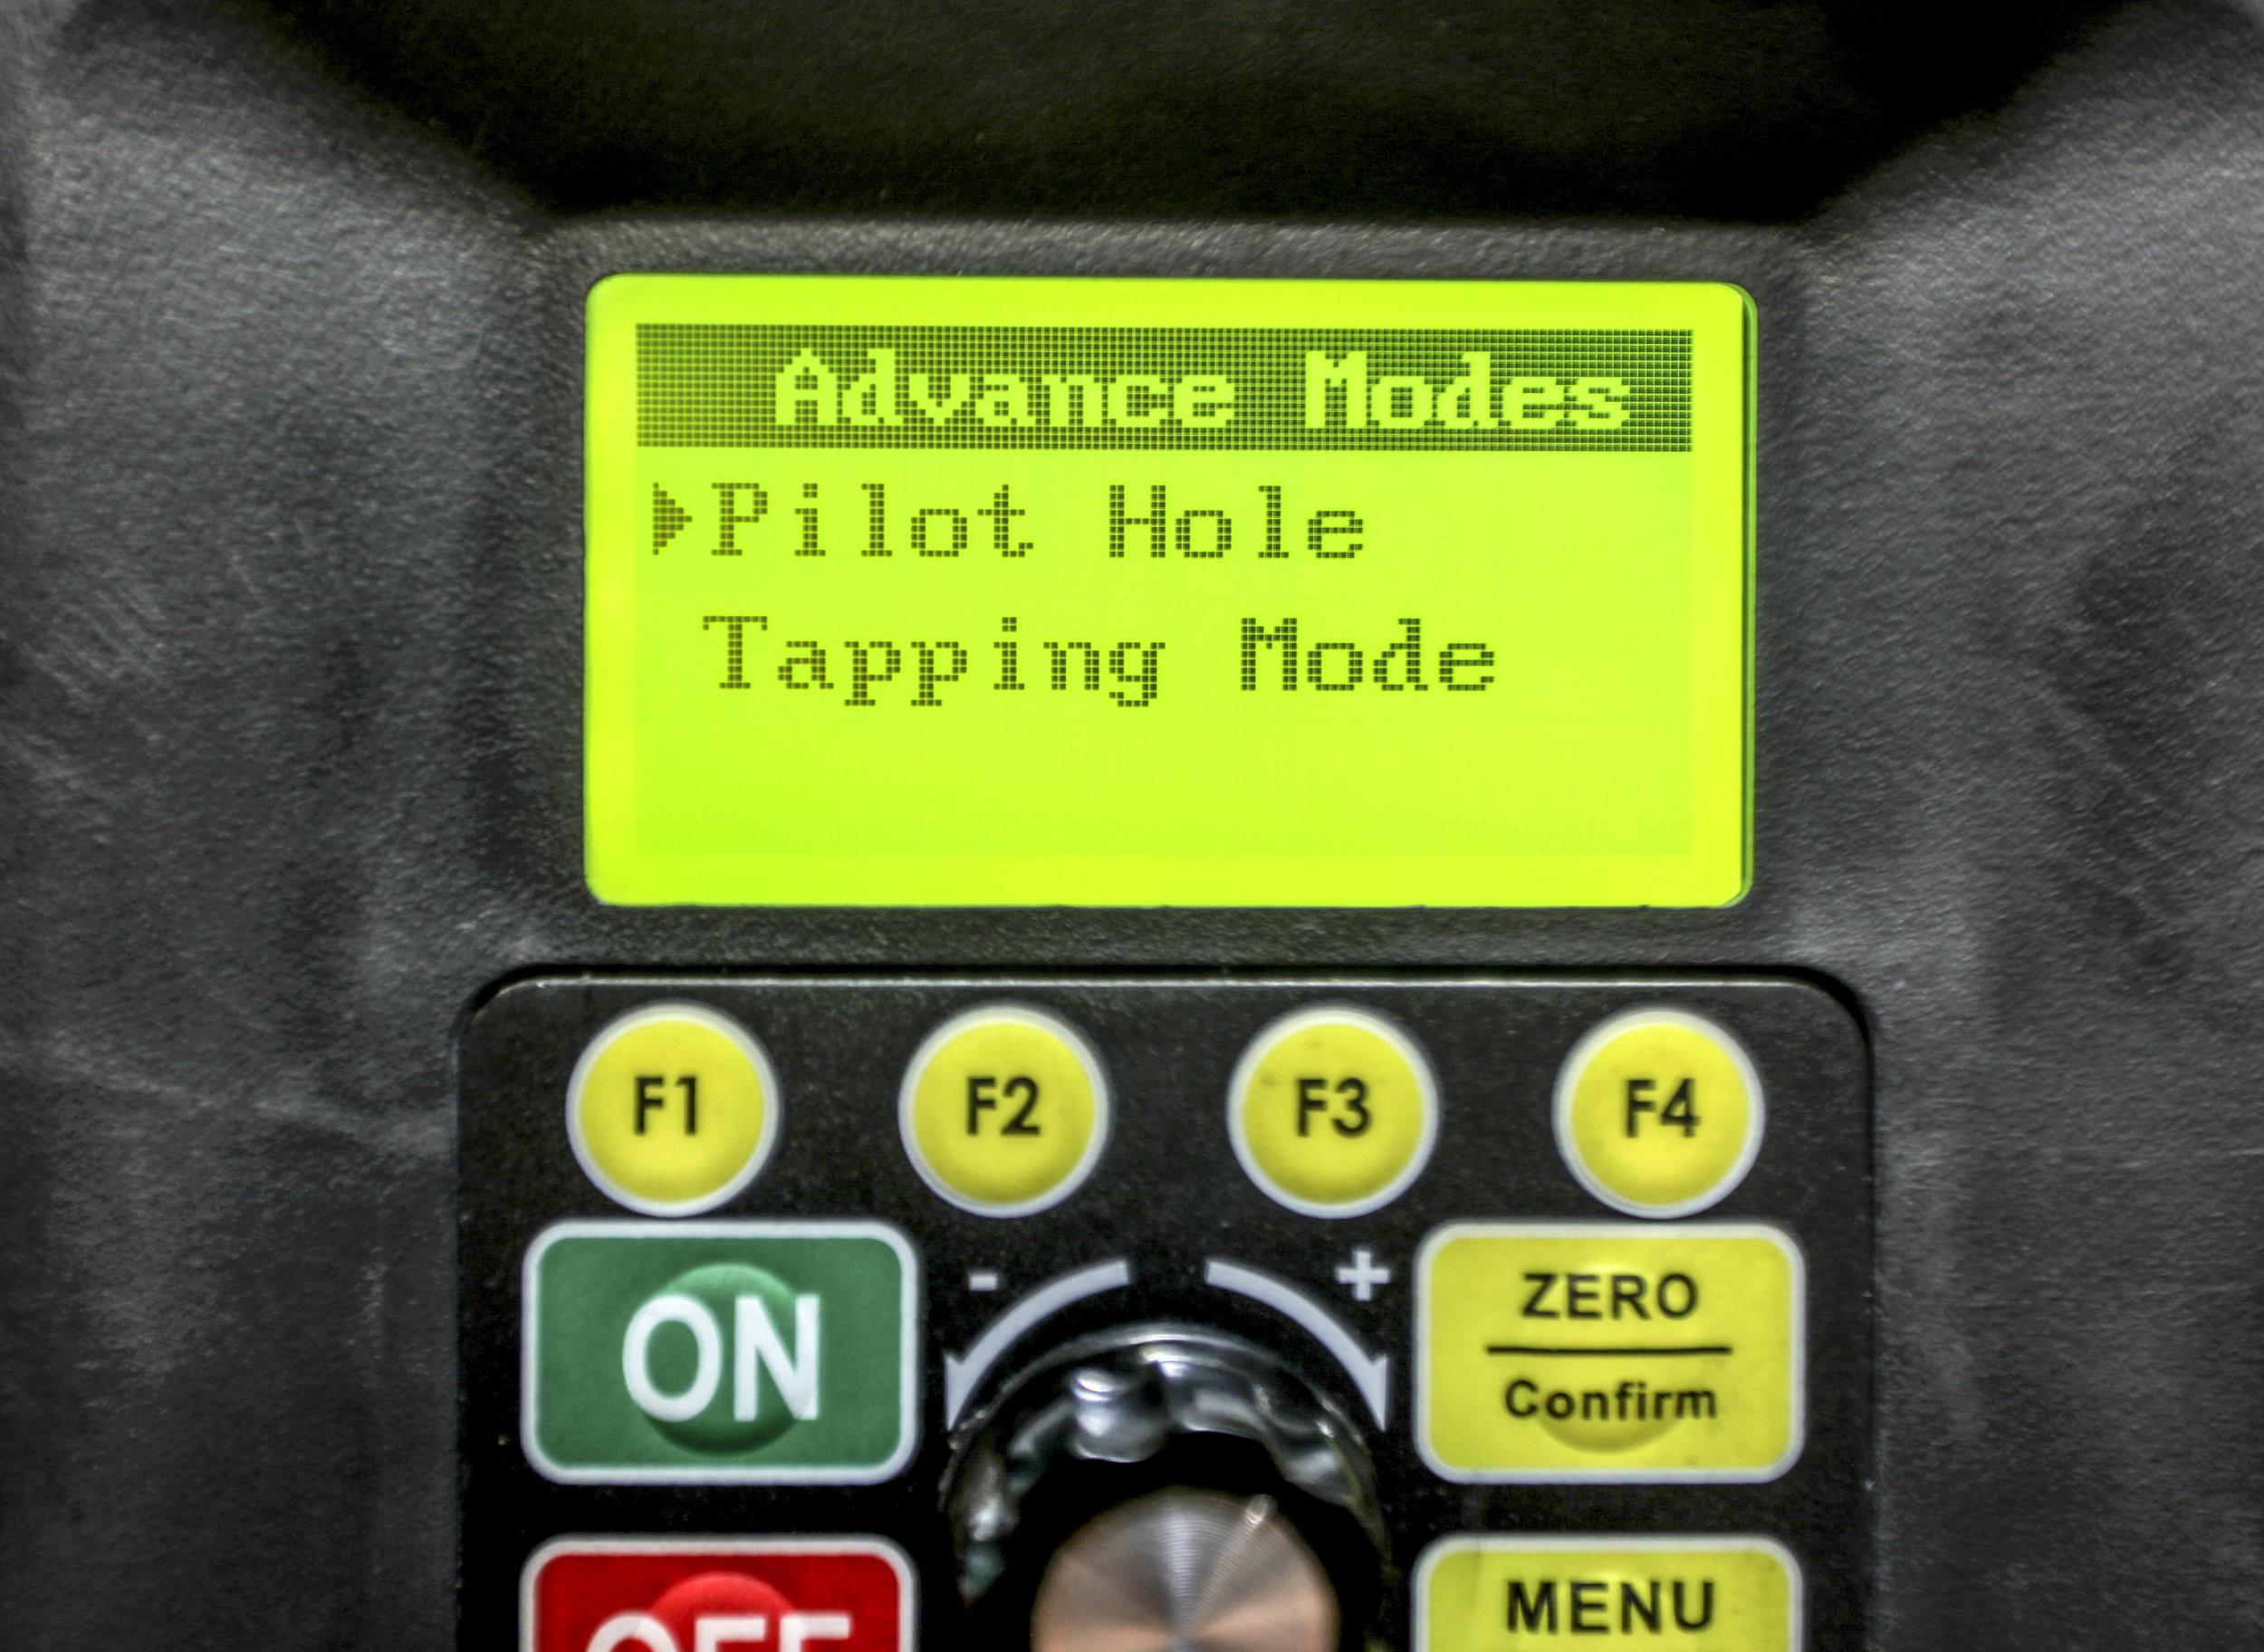 003_AdvancedModes2.jpg